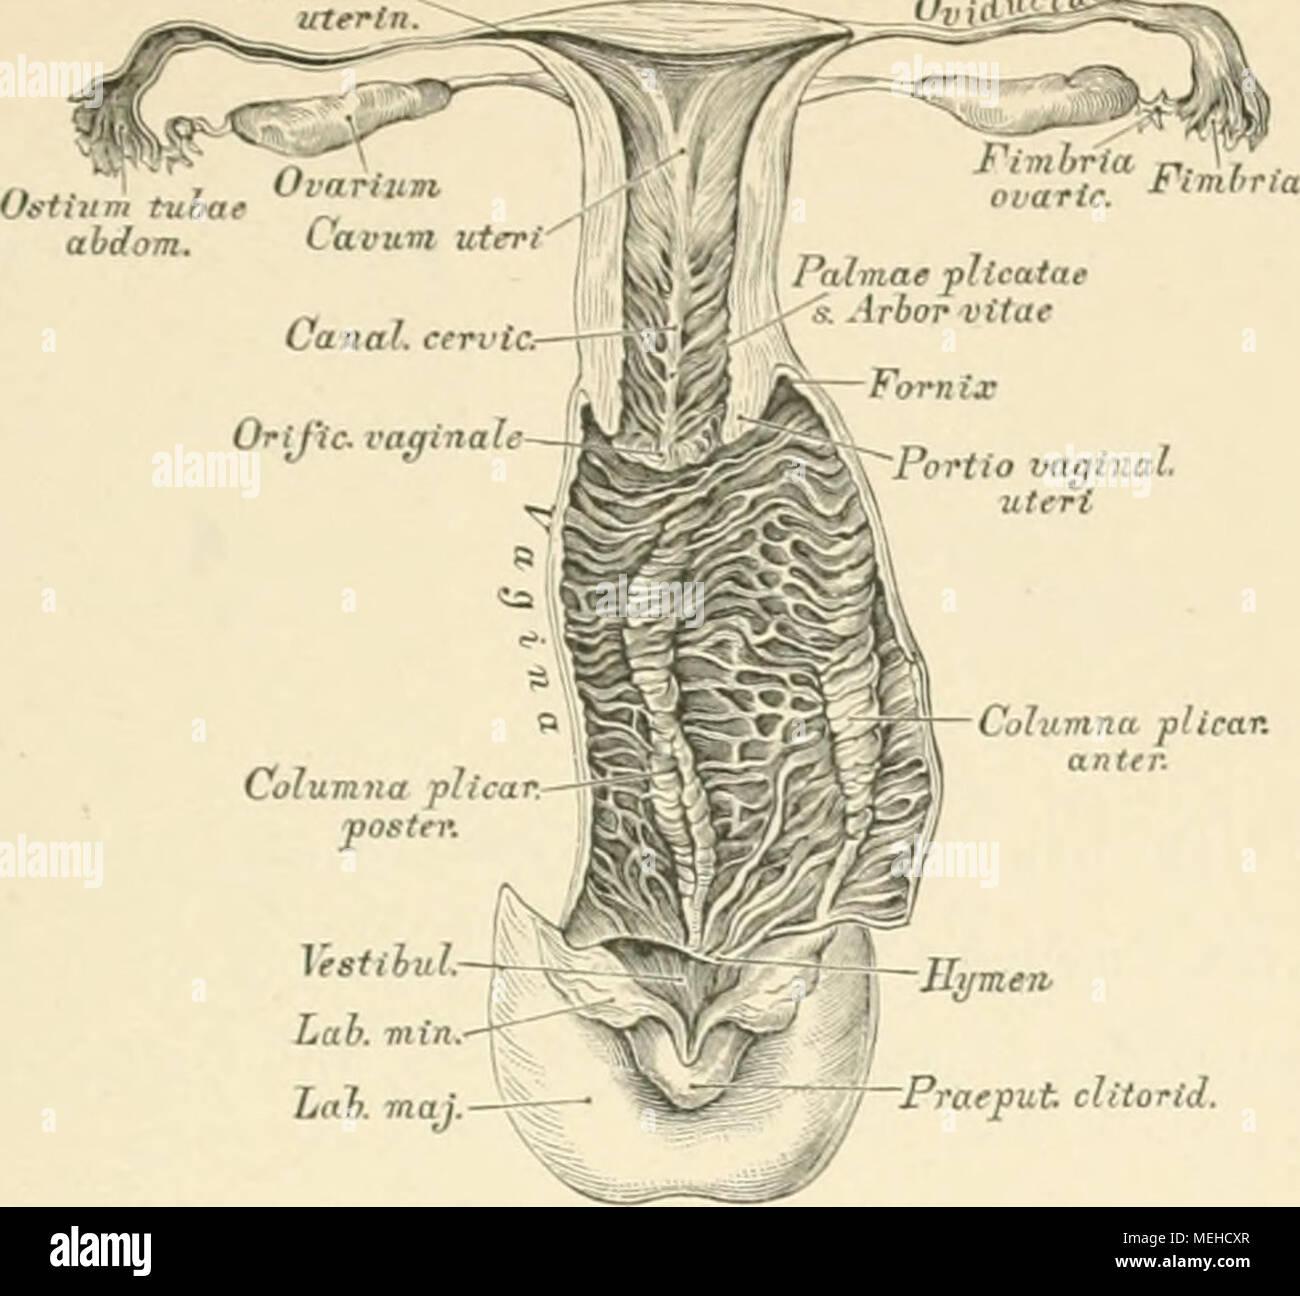 Gemütlich Mittellinie Anatomie Galerie - Menschliche Anatomie Bilder ...